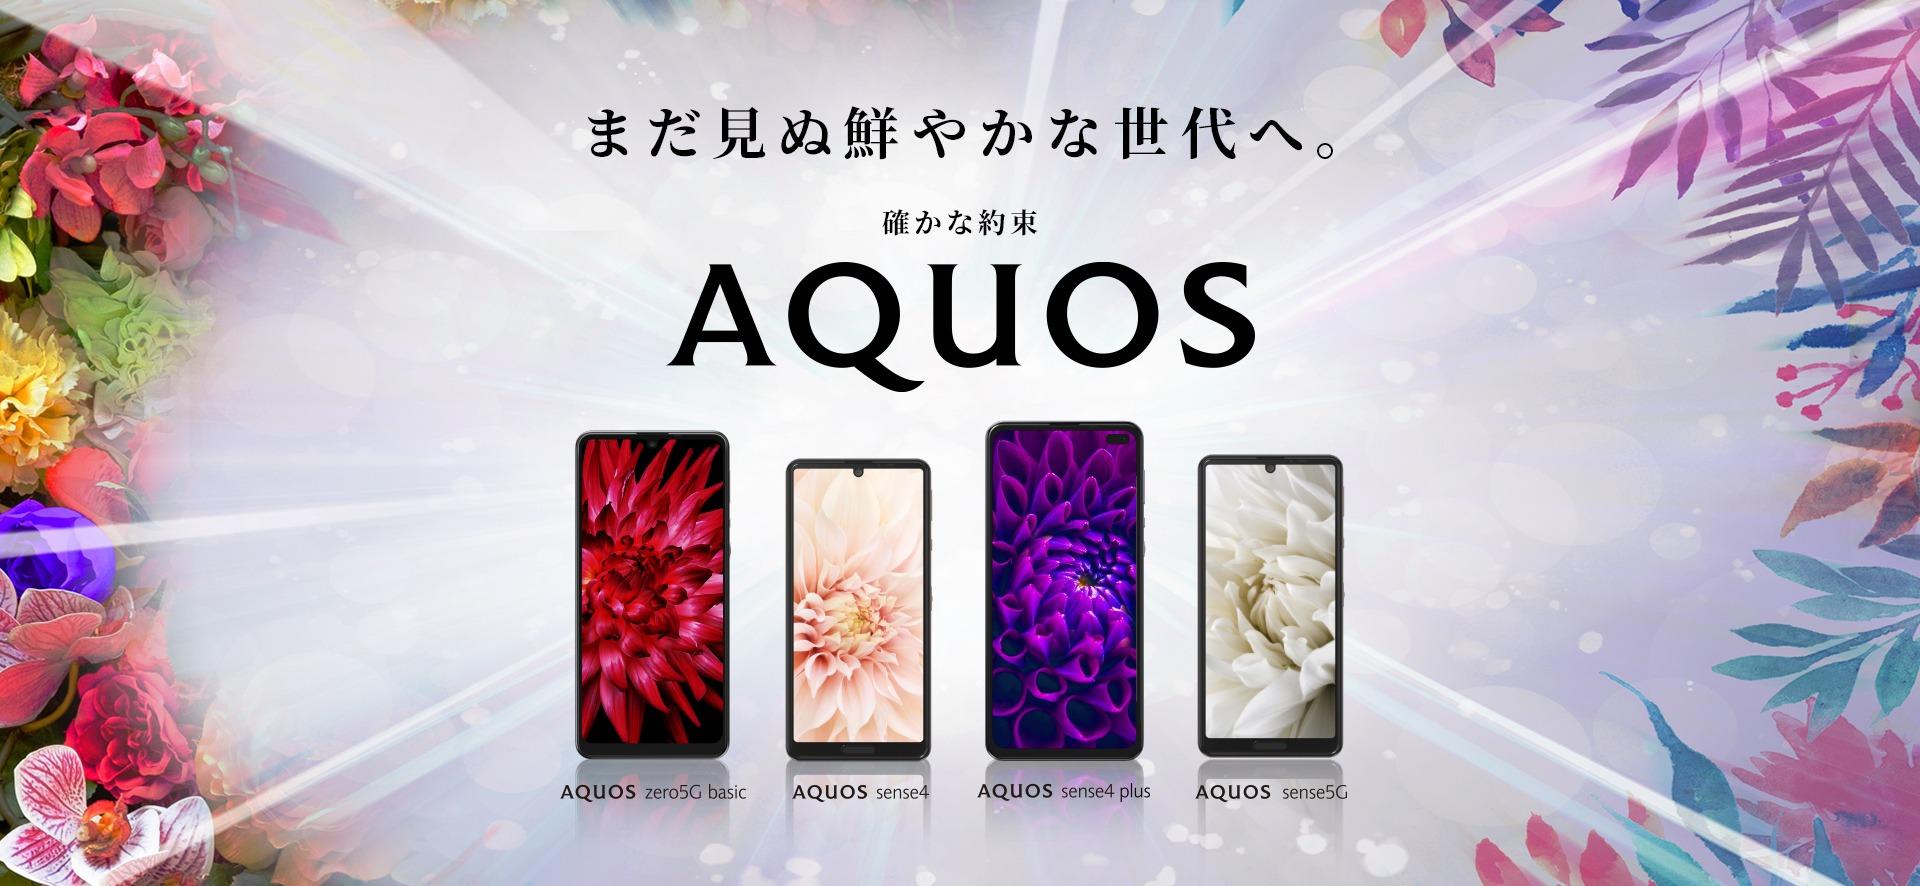 Sharp pokazał cztery smartfony - są modemy 5G i czytniki linii papilarnych jak sprzed kilku lat